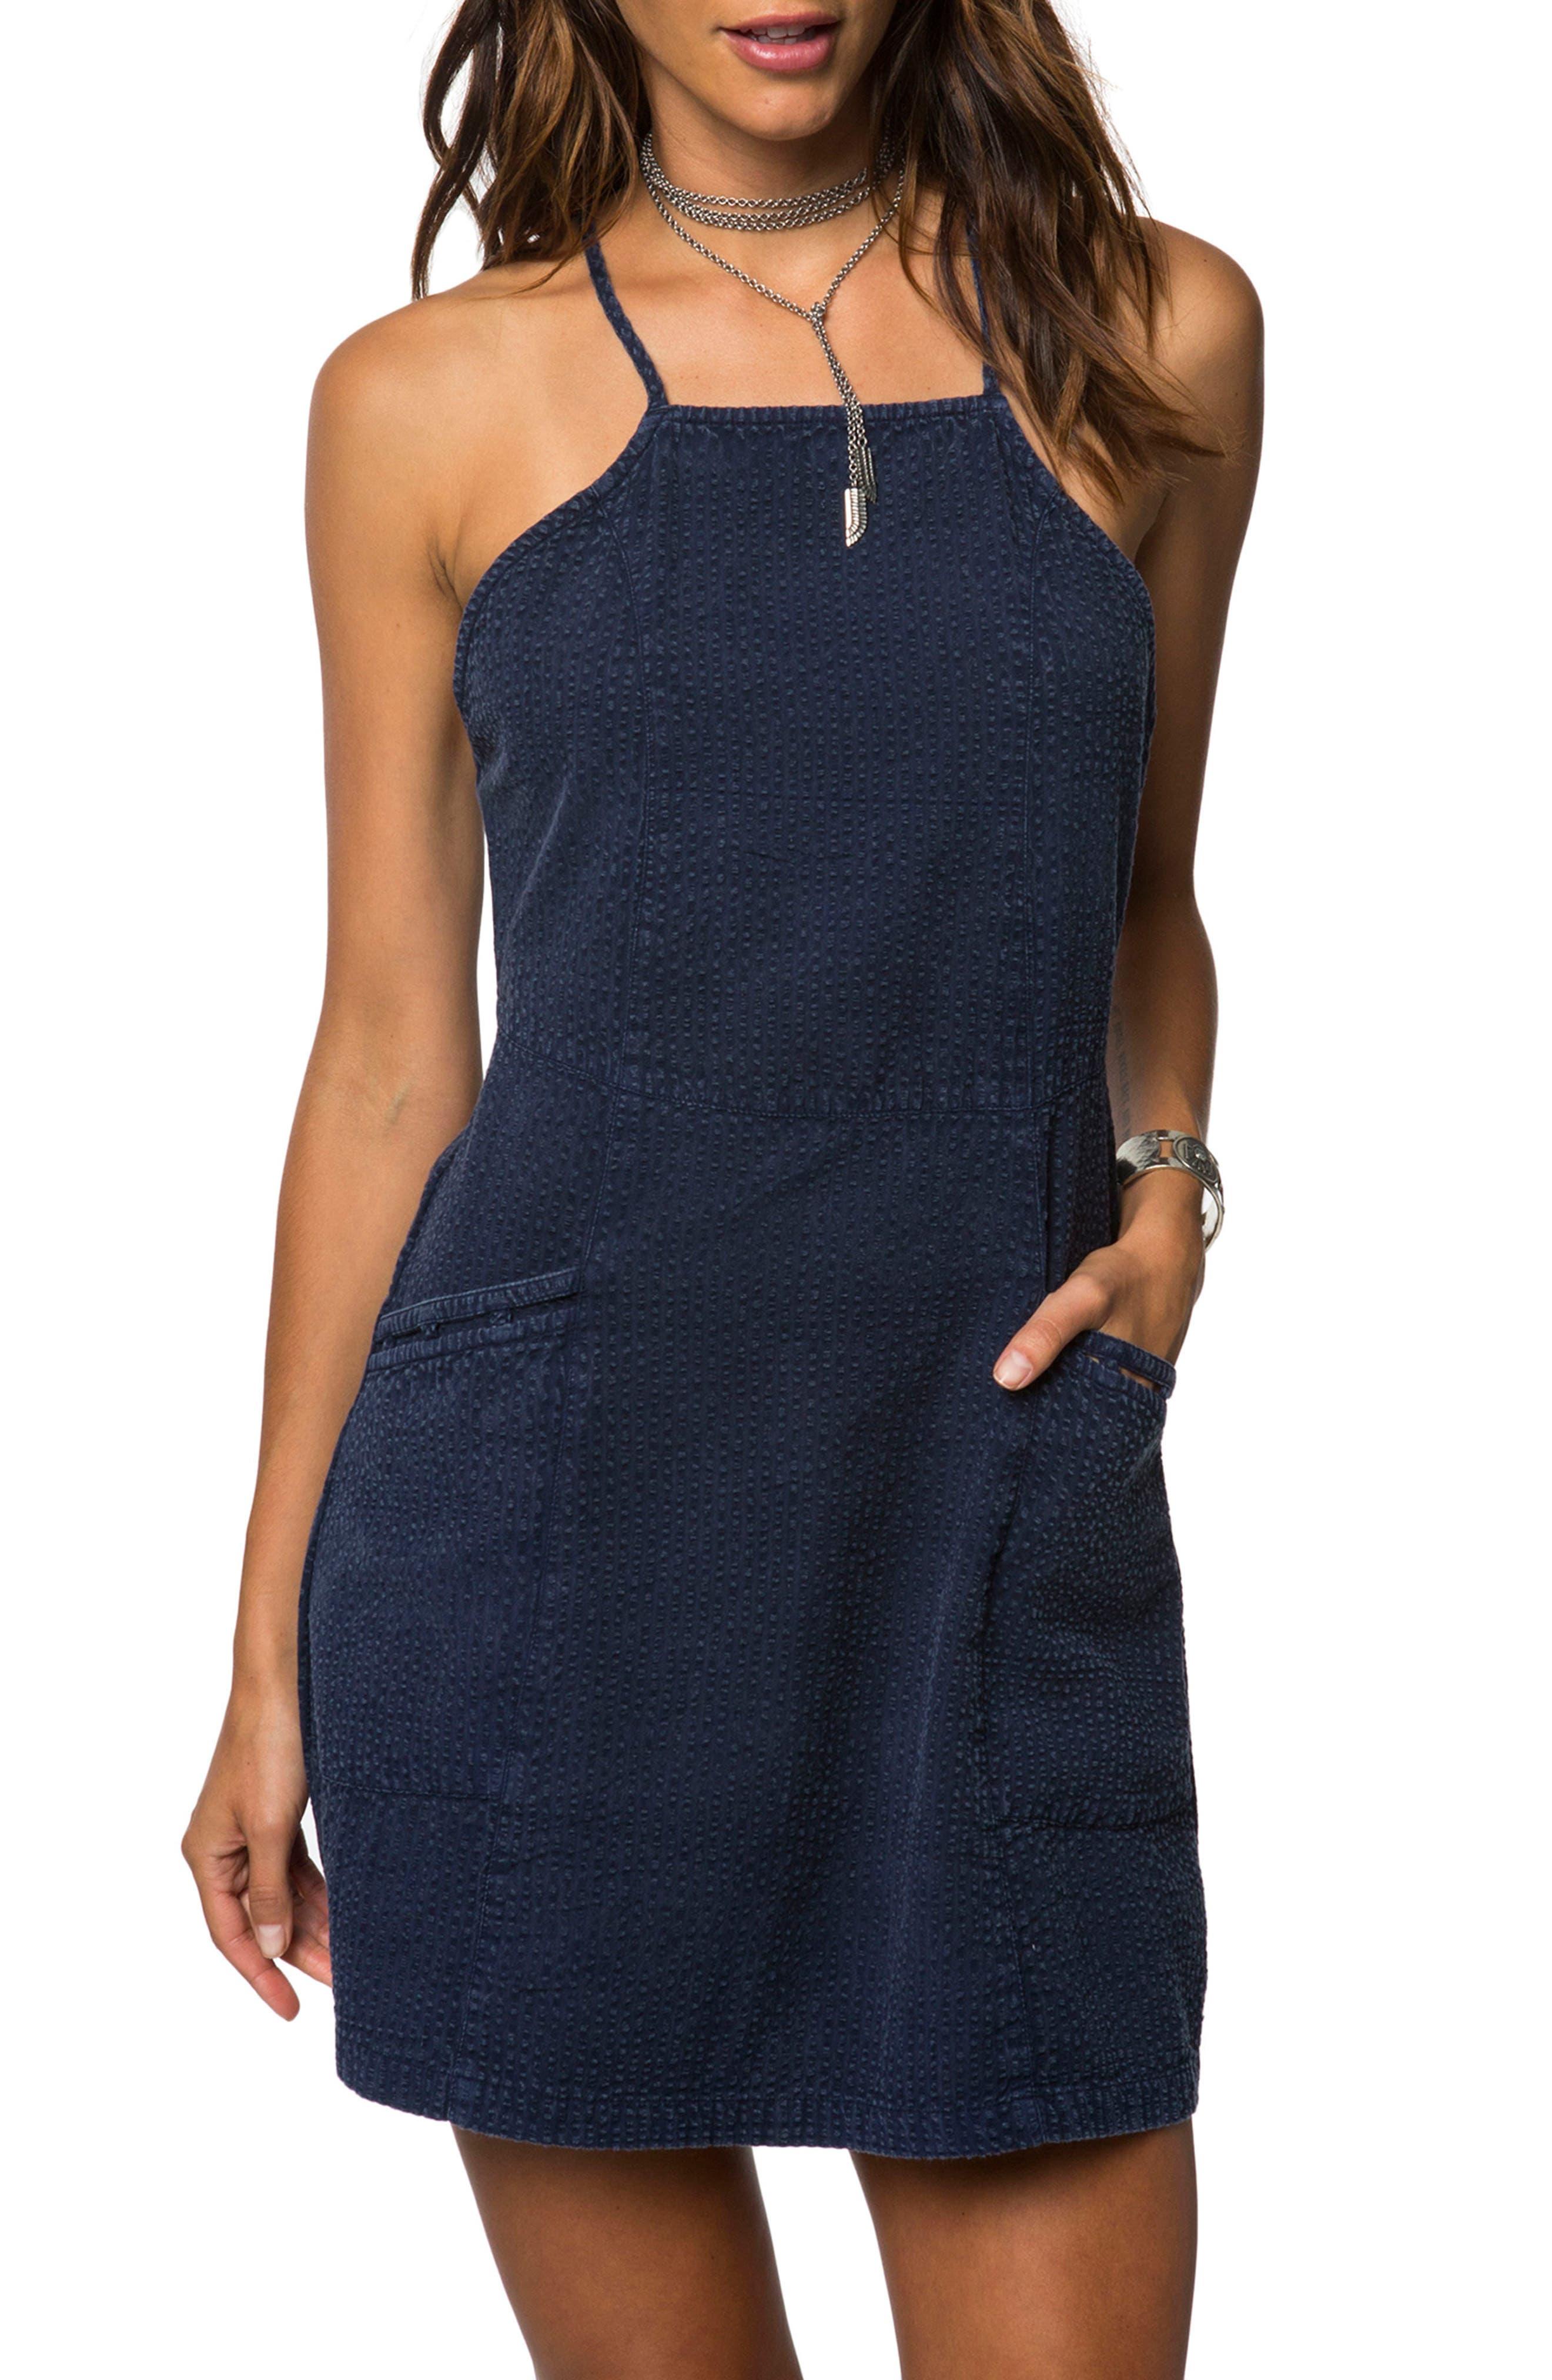 Esme Seersucker Apron Dress,                             Main thumbnail 1, color,                             Evening Blue